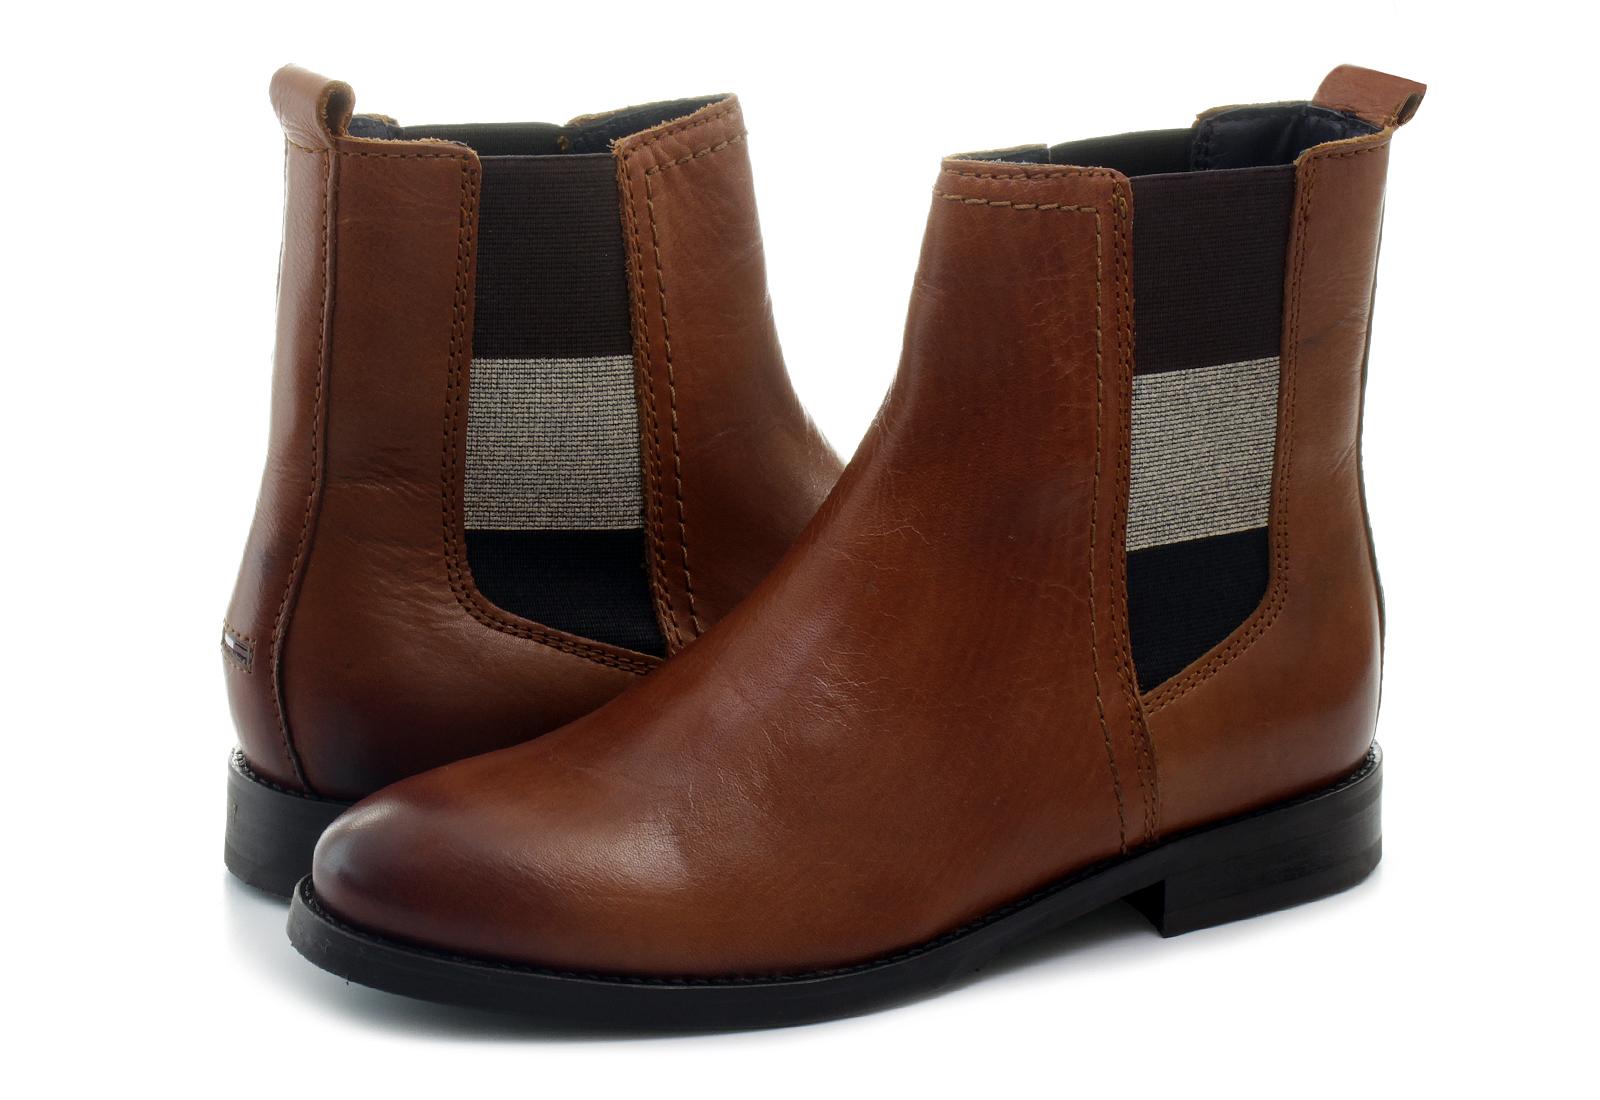 tommy hilfiger kotn kov chelsea boots genny 16a2 17f. Black Bedroom Furniture Sets. Home Design Ideas